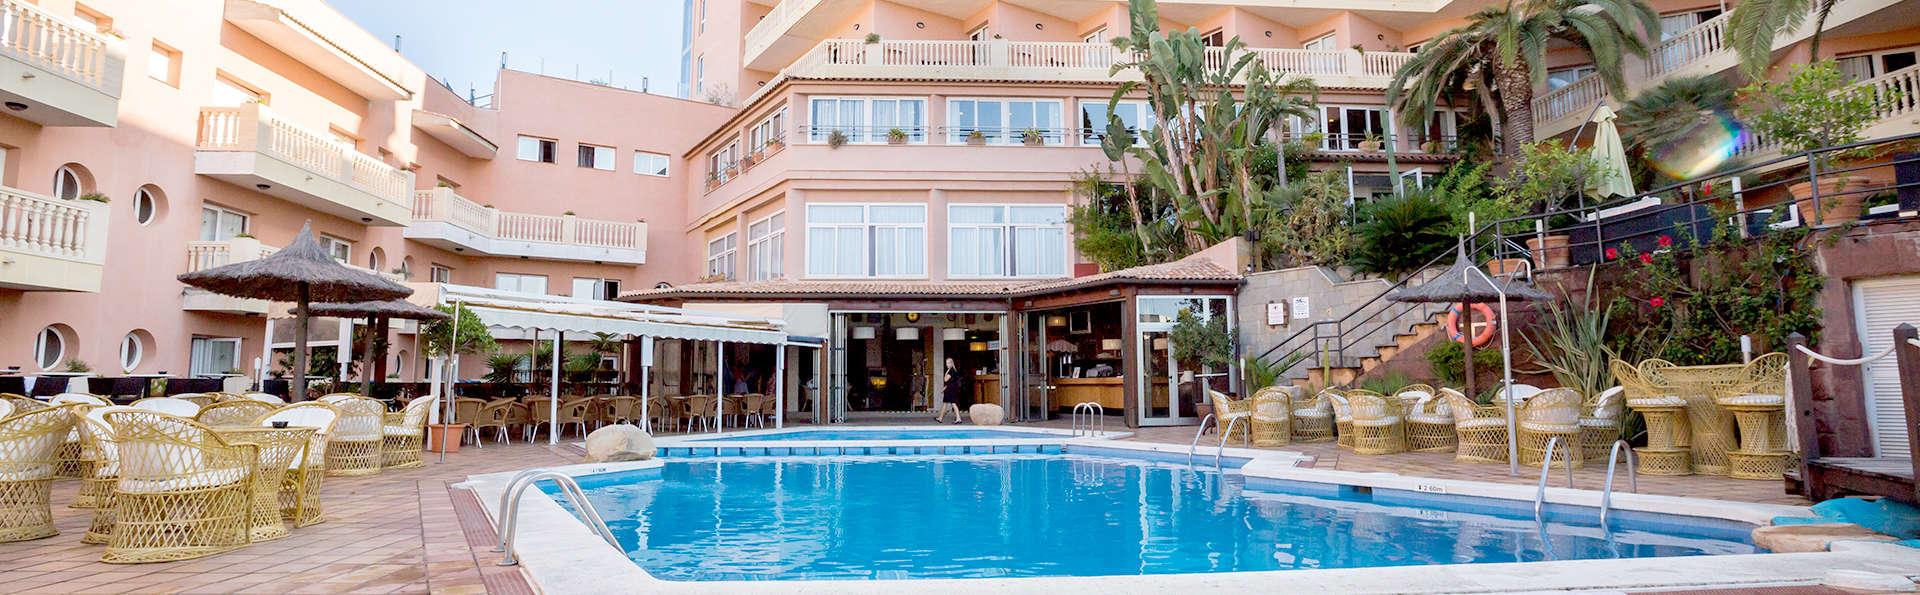 Chambre supérieure, pension complète et spa sur la Costa Brava